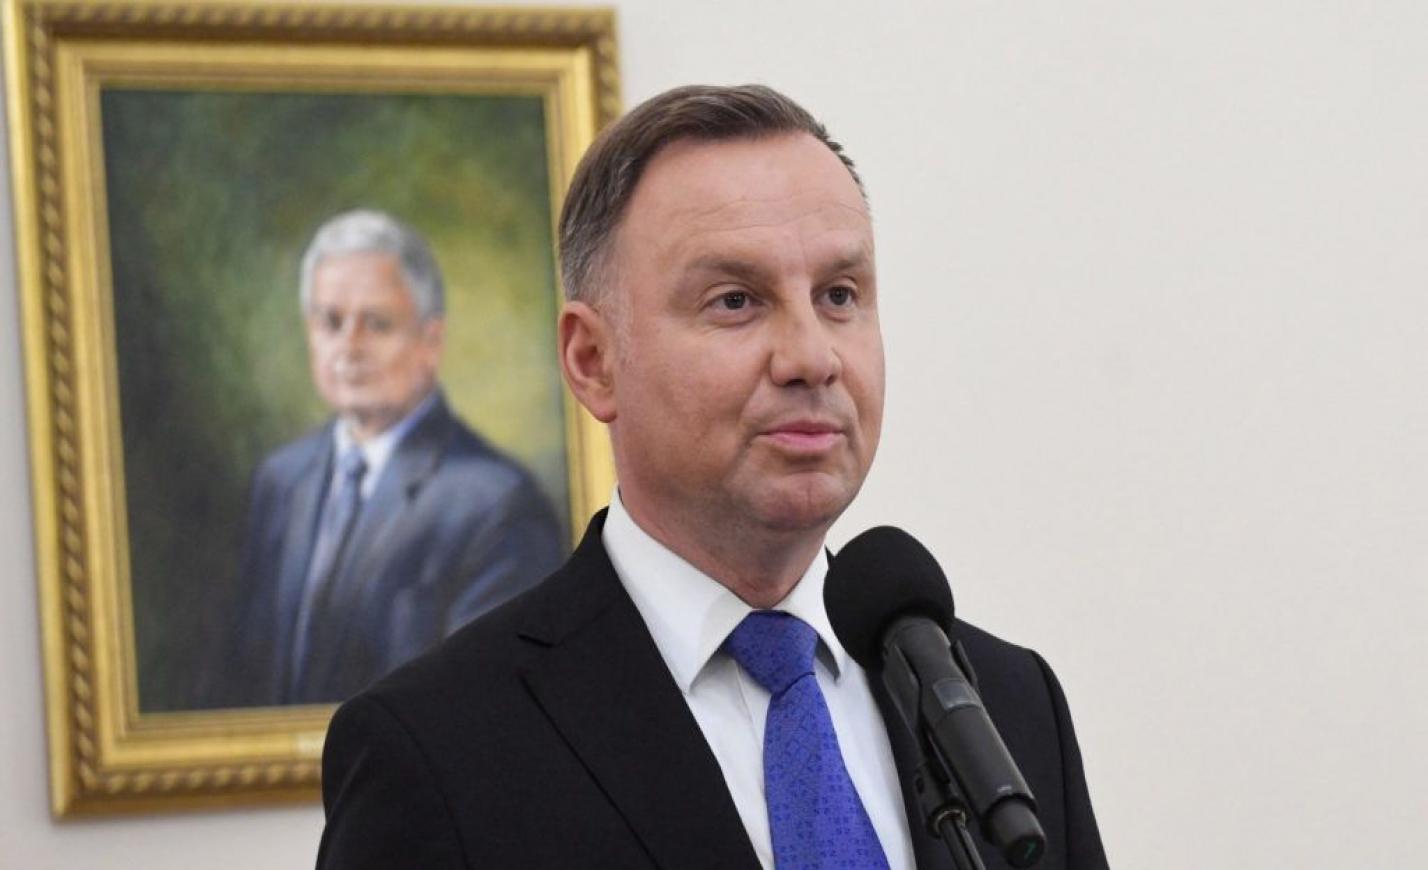 Egy orosz az ENSZ főtitkárának kiadva magát, hosszan faggatta az újraválasztott lengyel elnököt